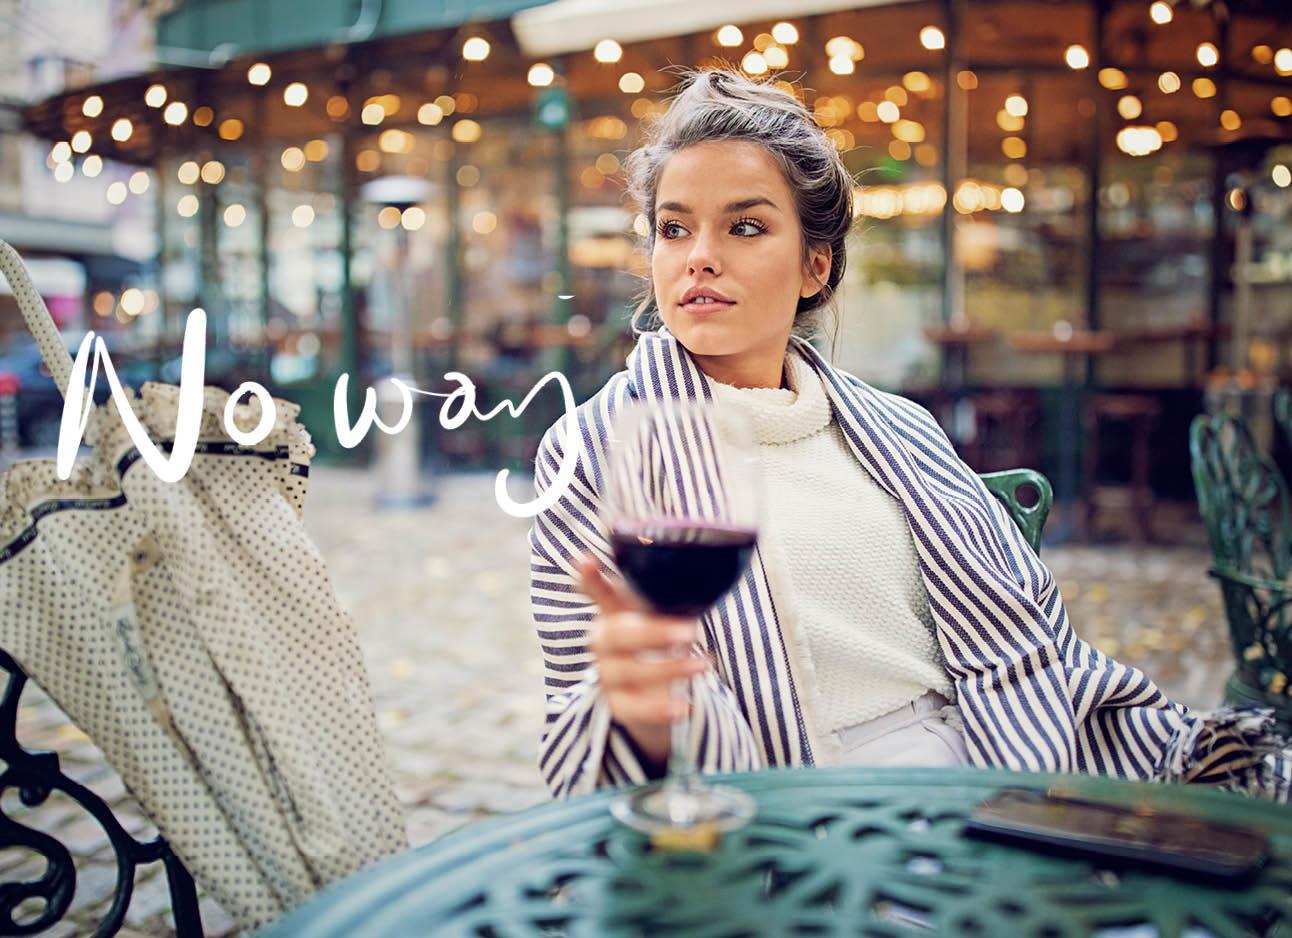 vrouw in streepjes colbert drinkt rode wijn